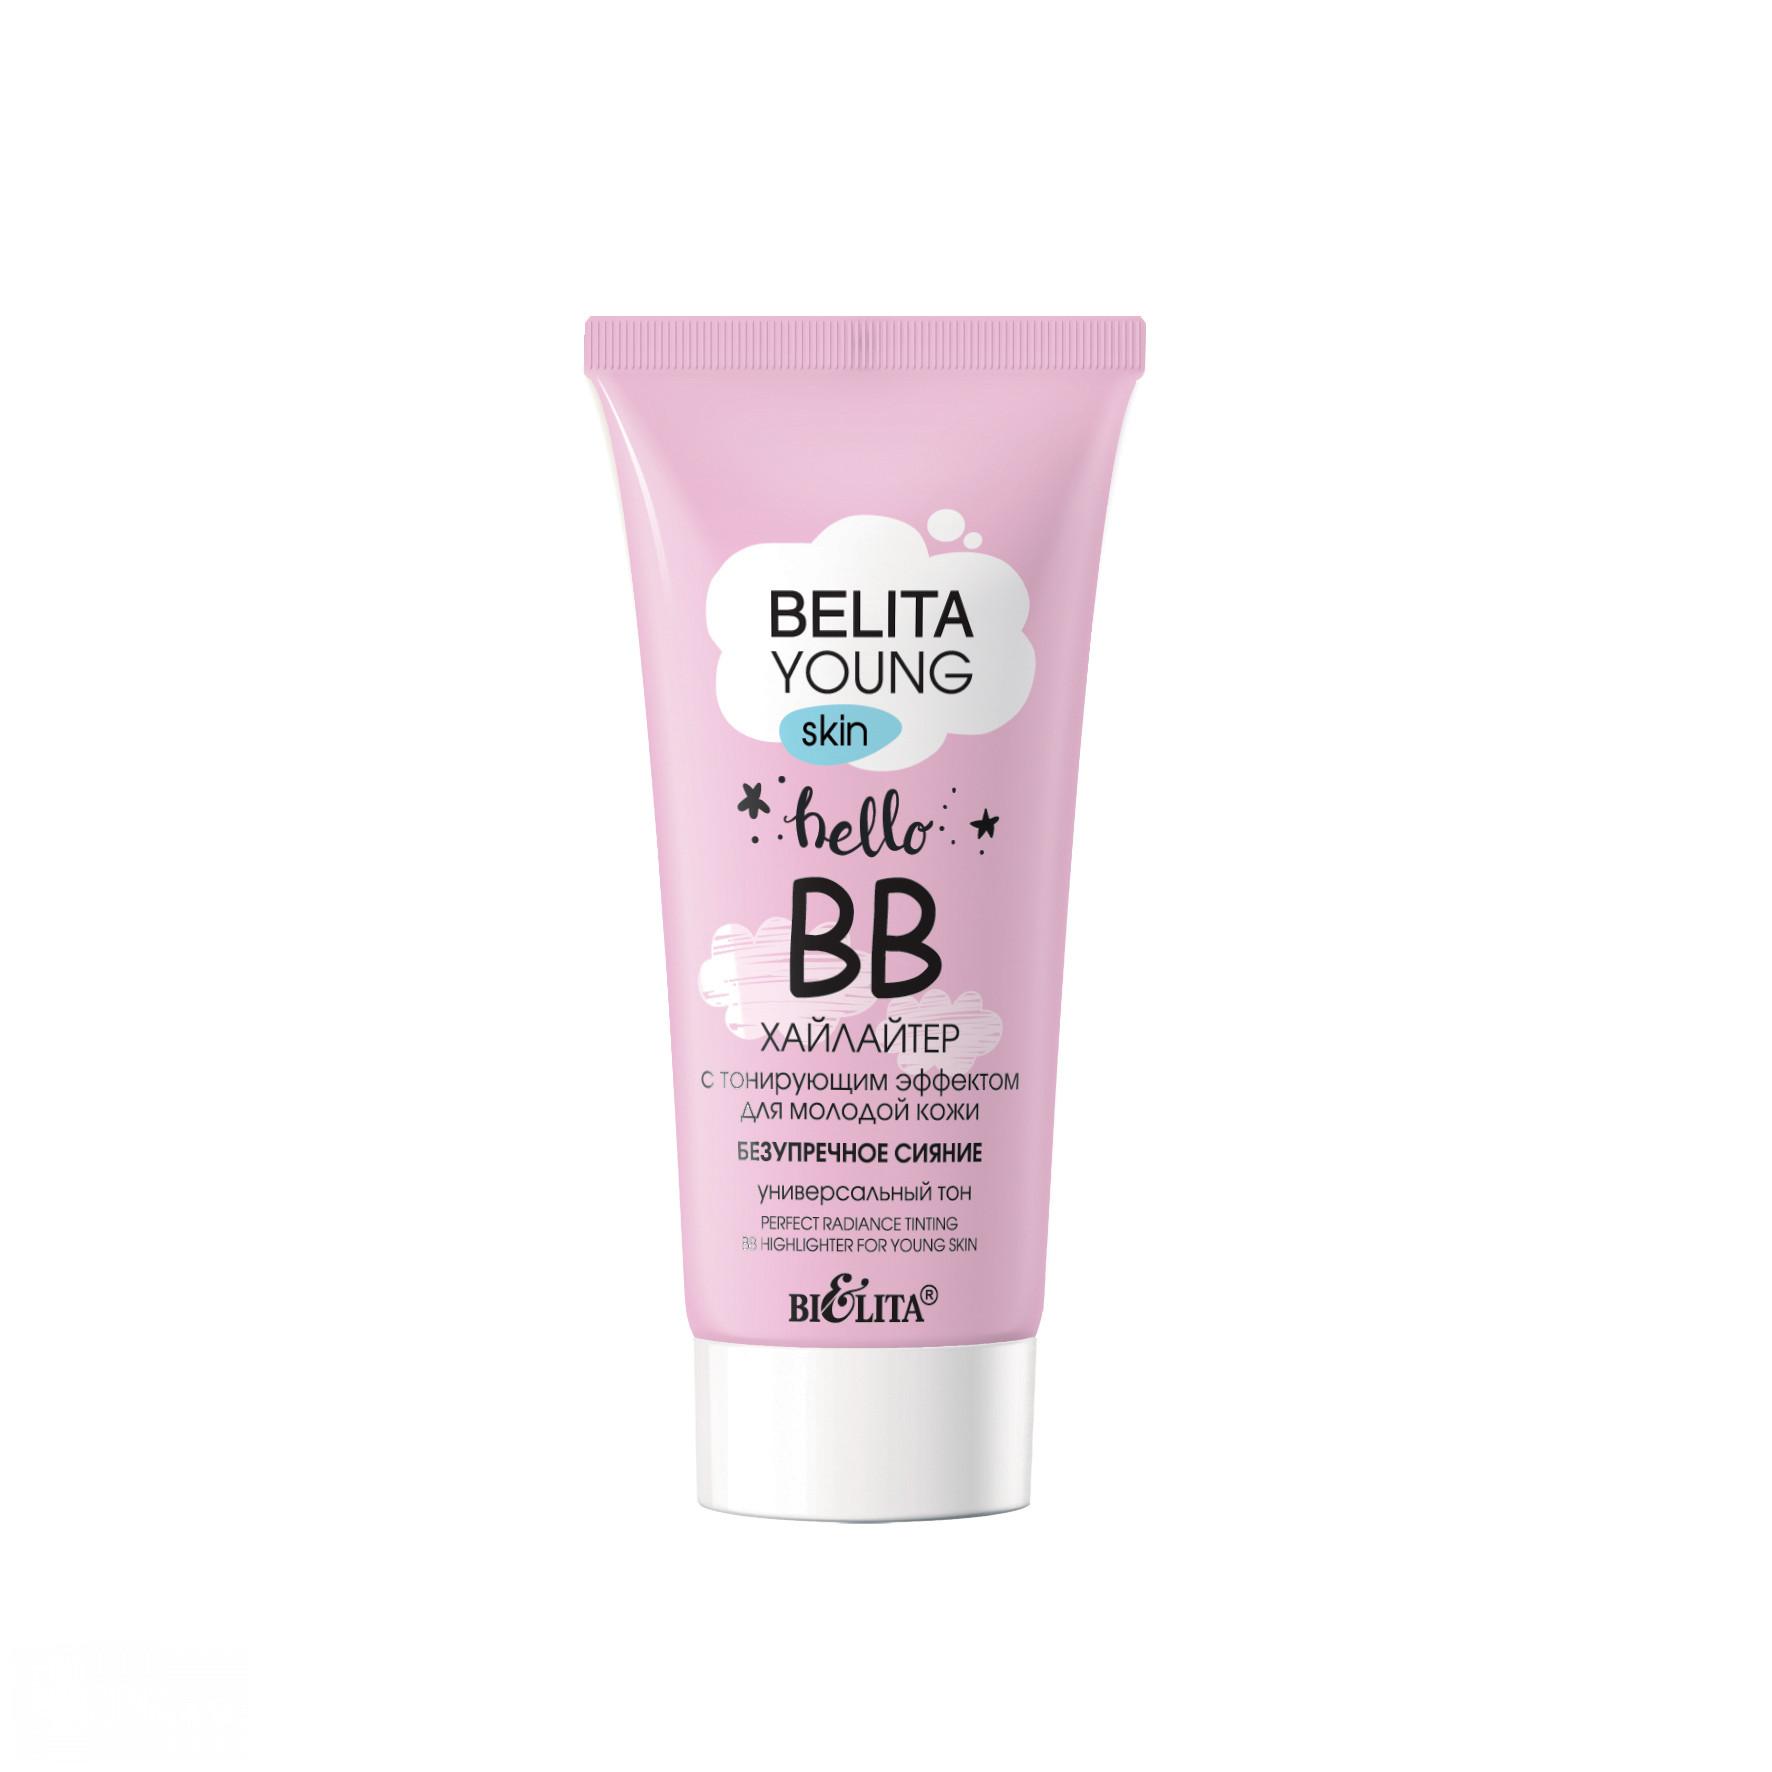 Купить ВВ-Хайлайтер Белита для молодой кожи с тонирующим эффектом безупречное сияние, 30мл, BELITA YOUNG SKIN